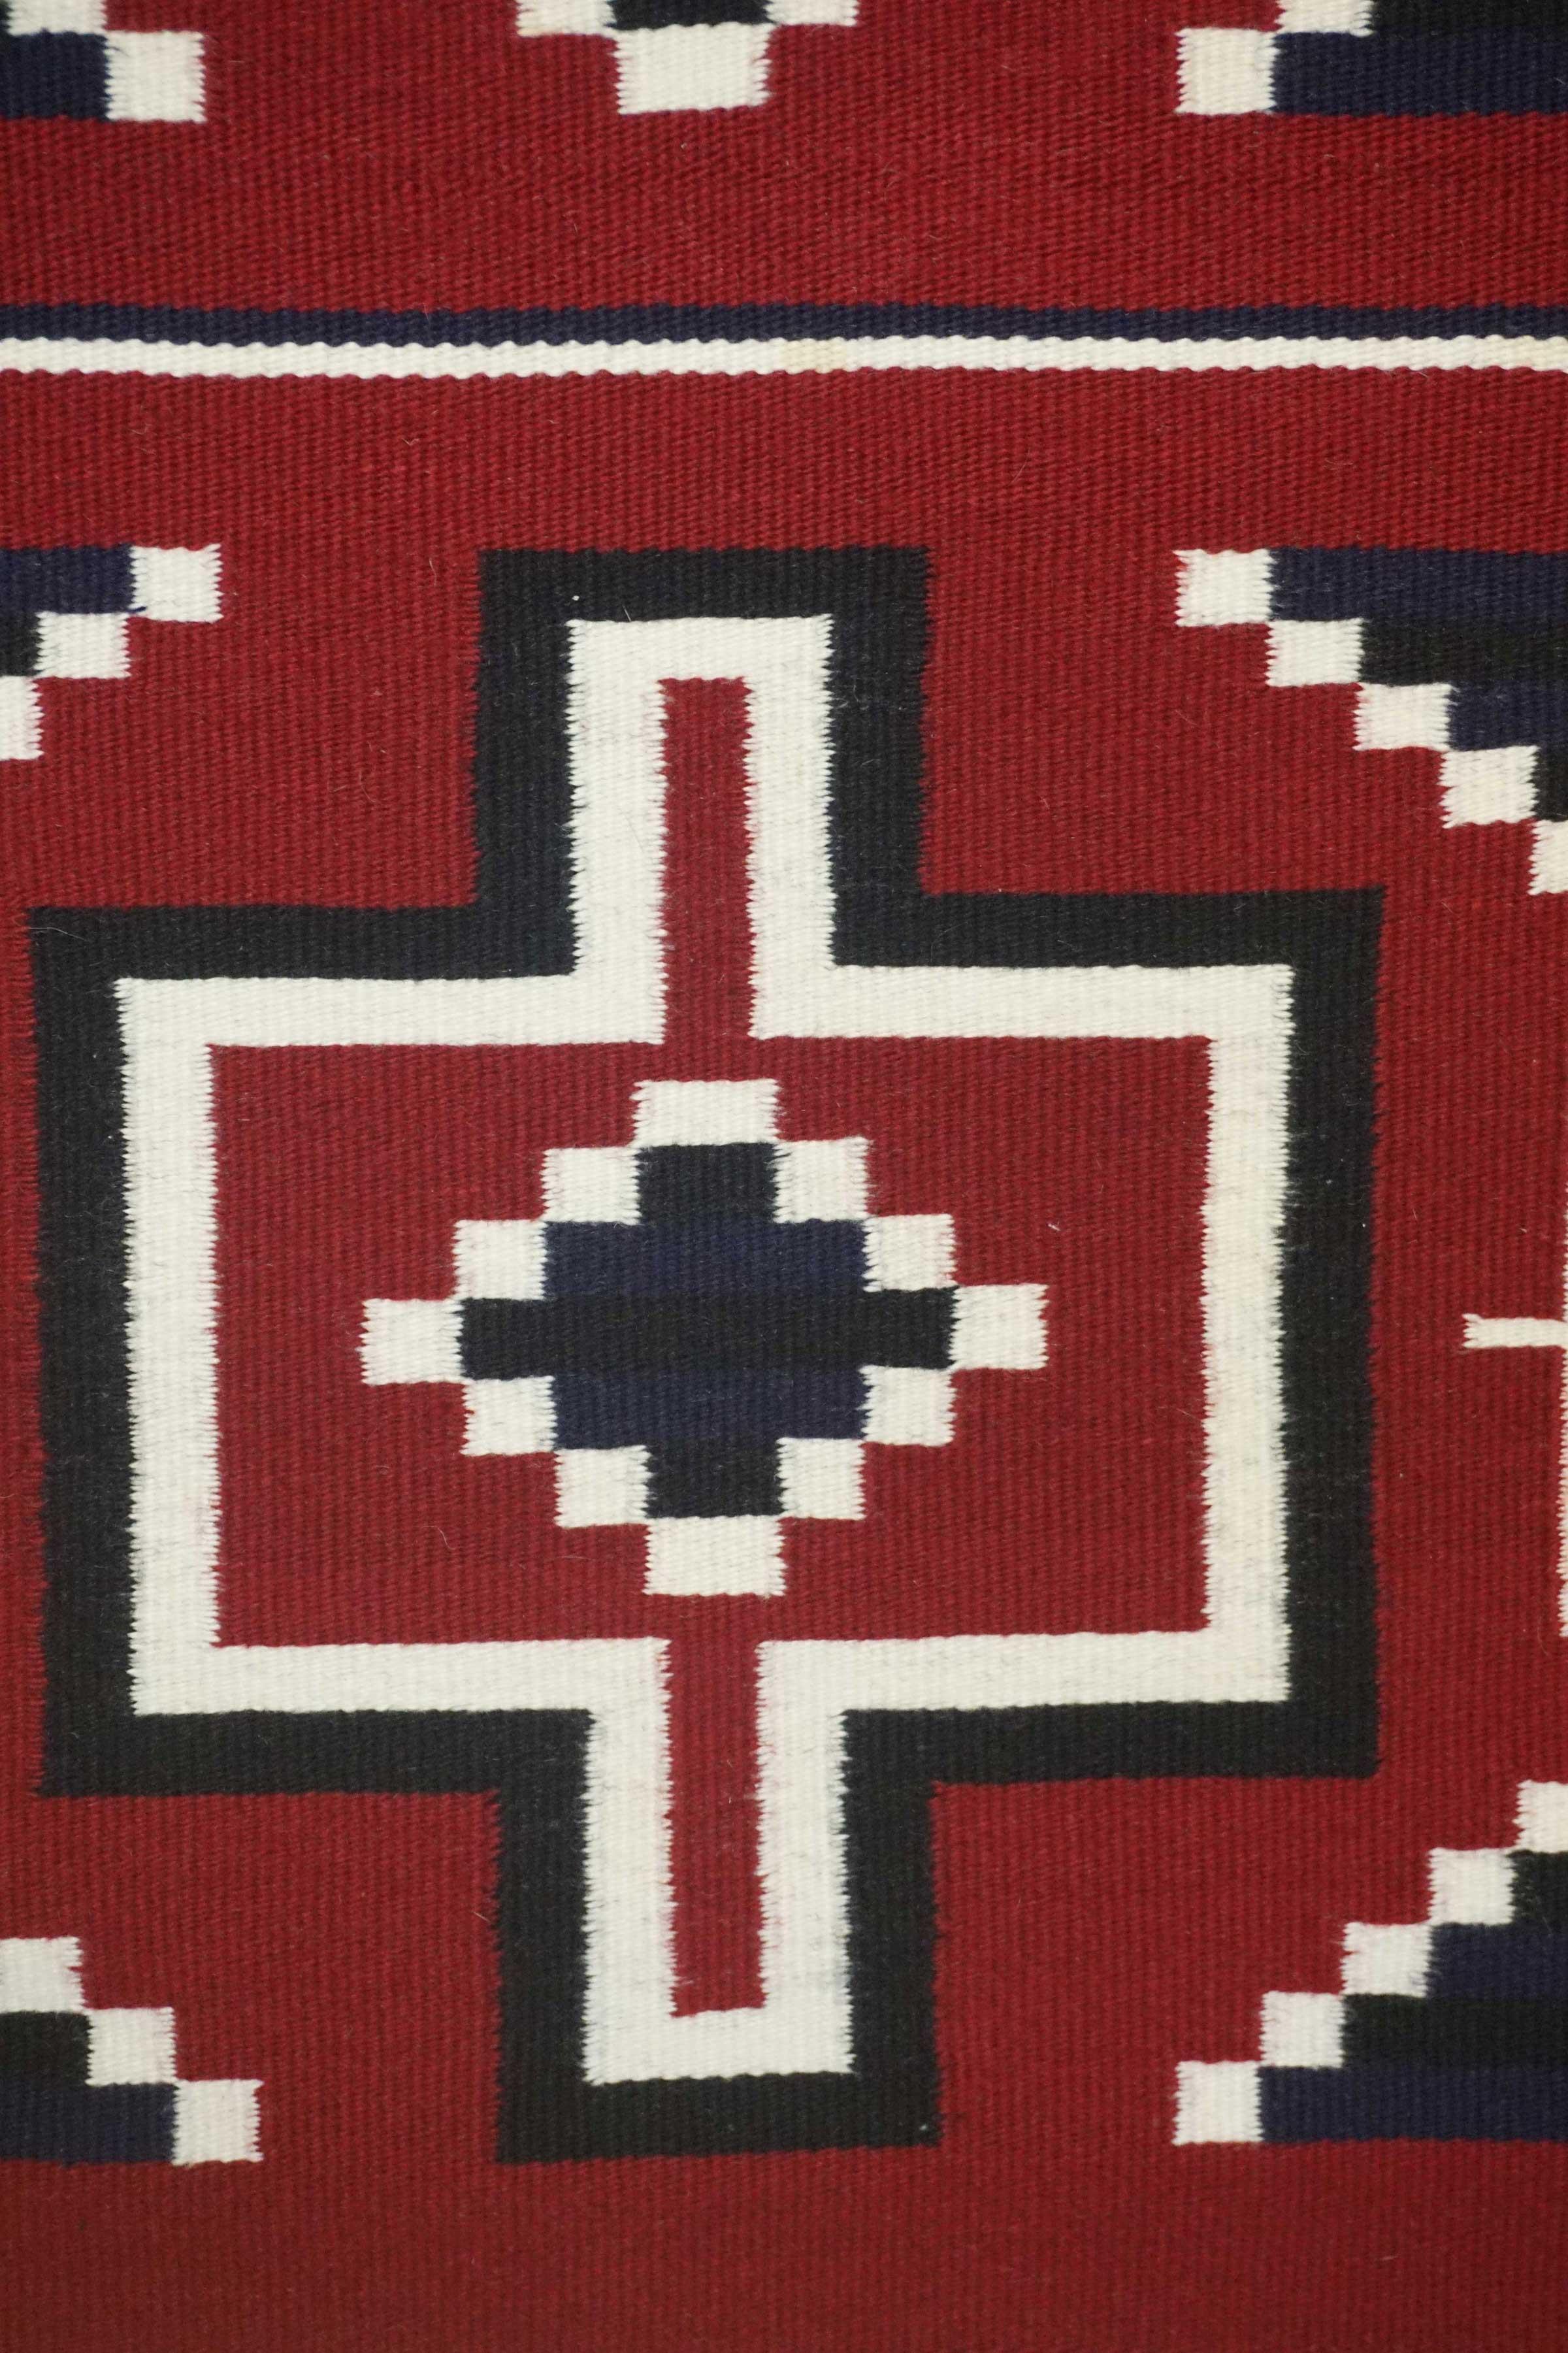 Contemporary Ganado Navajo Rug With A Hubble Revival